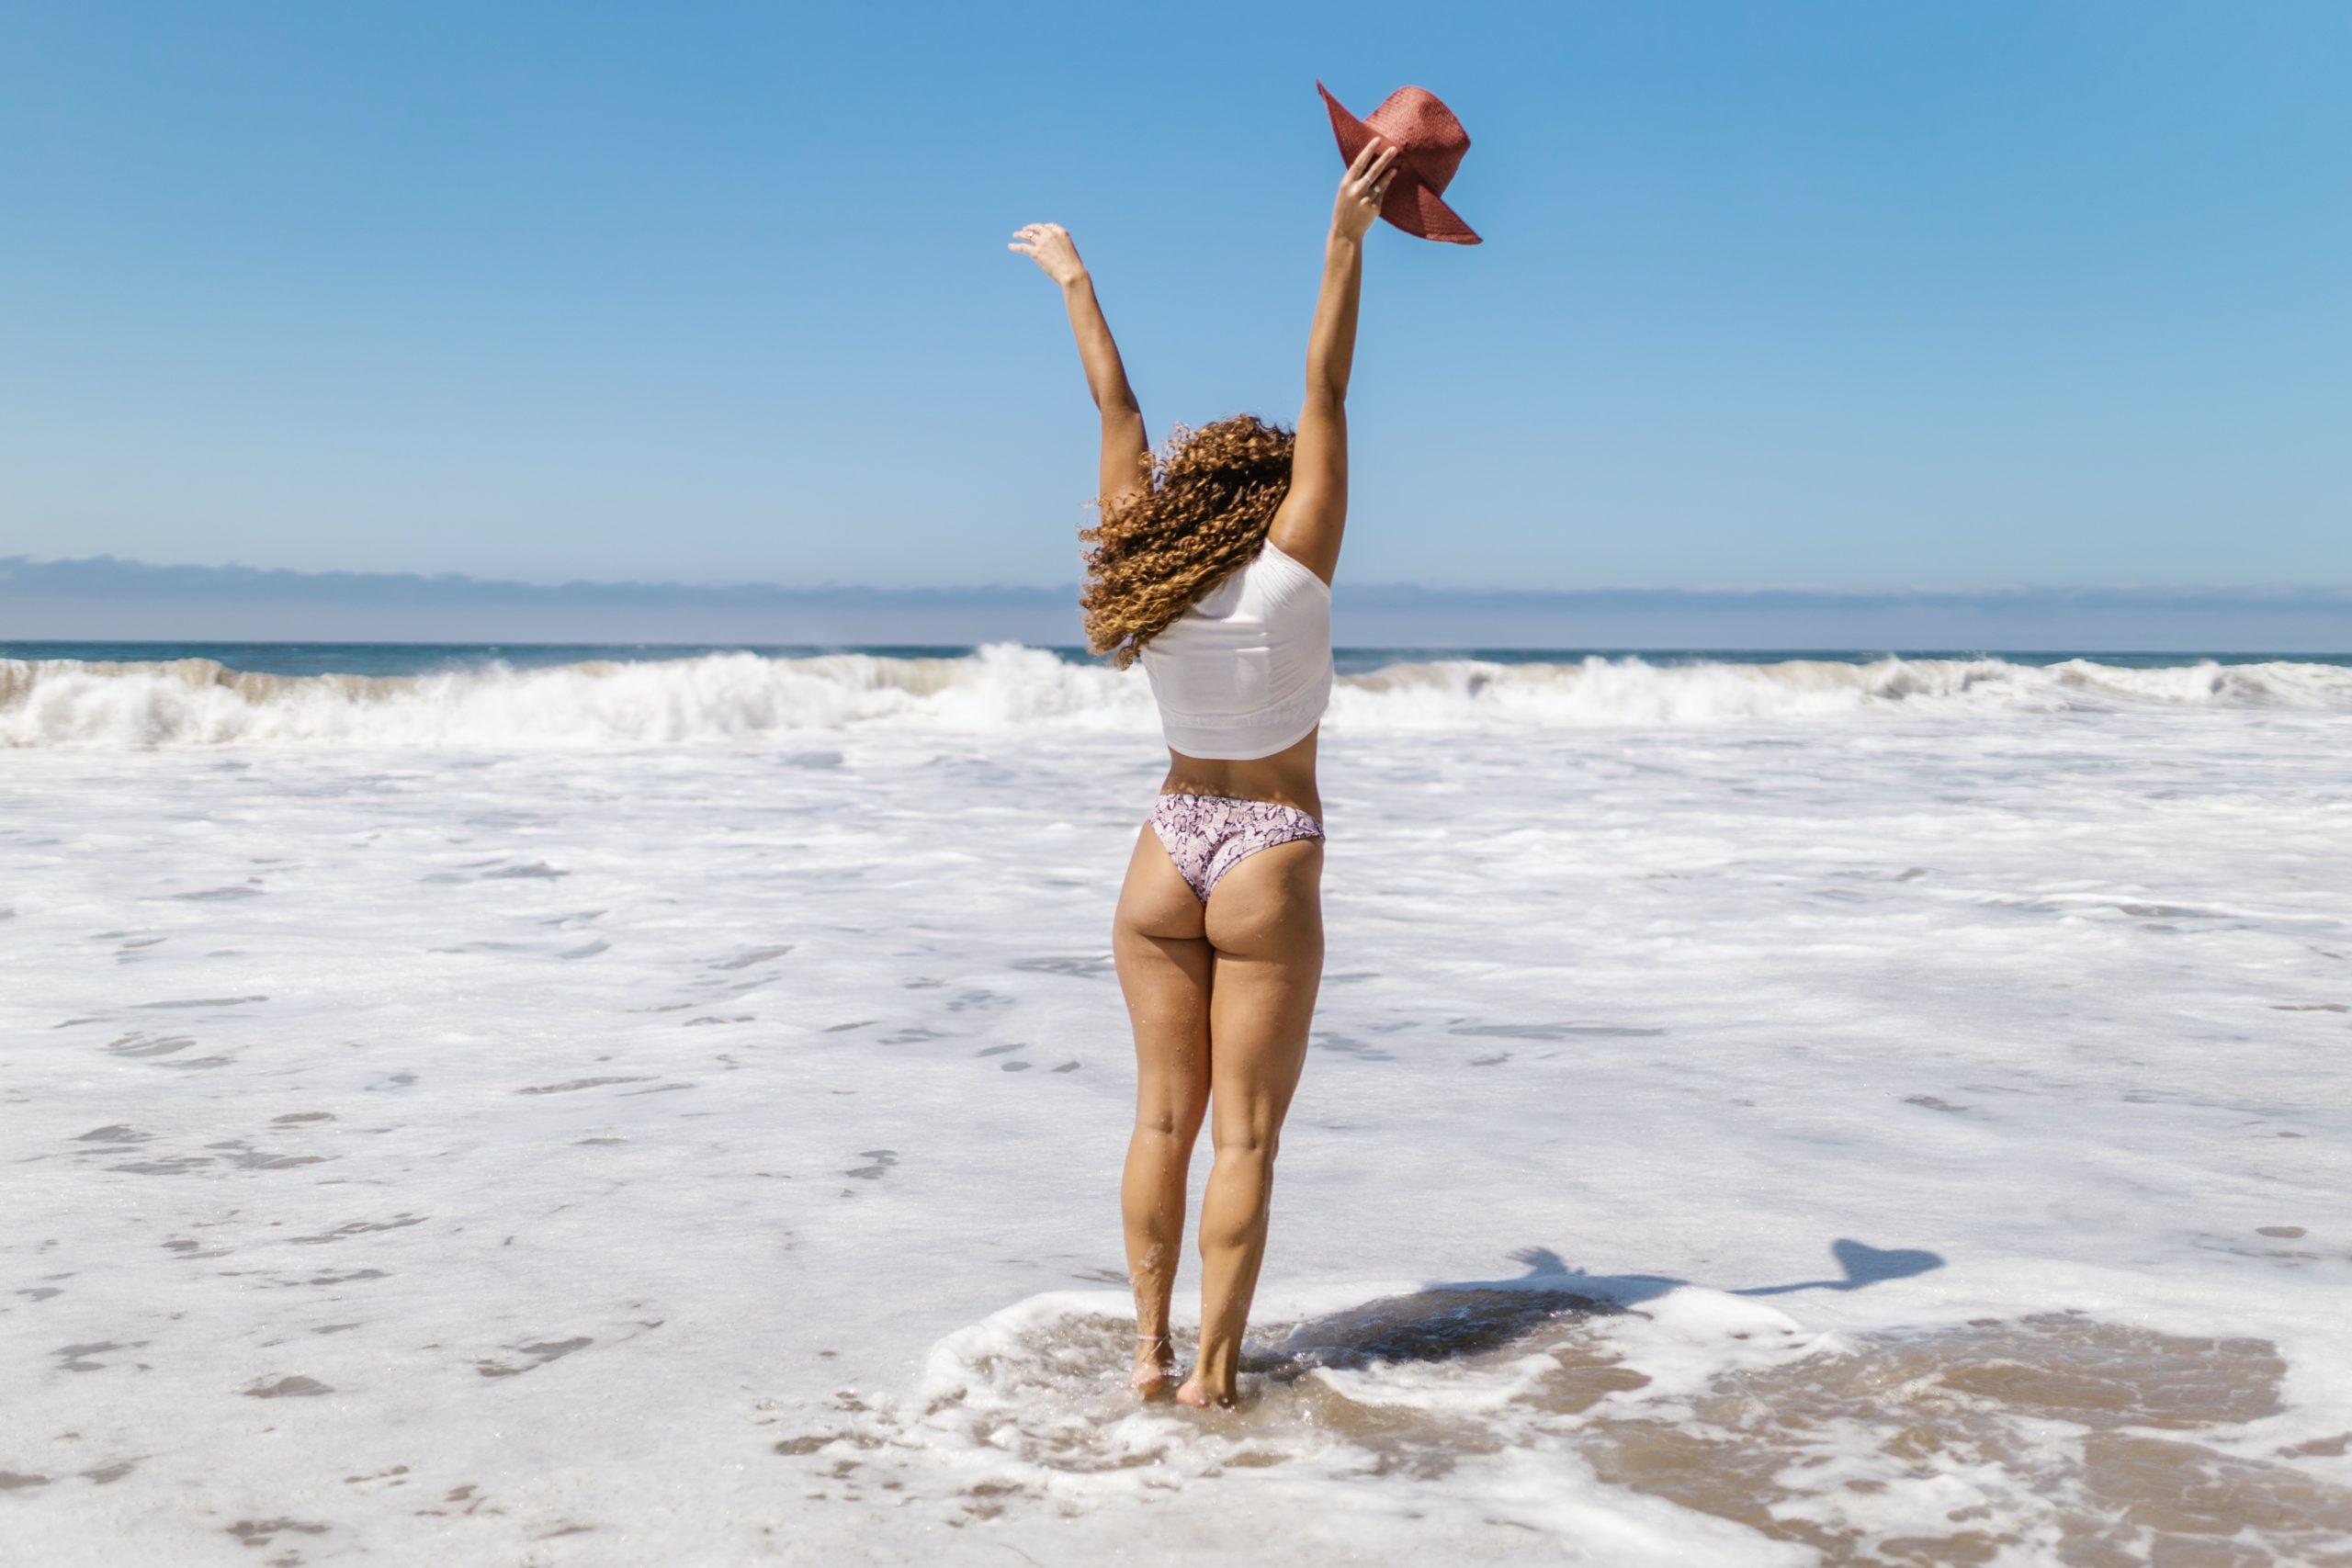 Mulher de biquíni na praia durante o verão. Acelerar o metabolismo